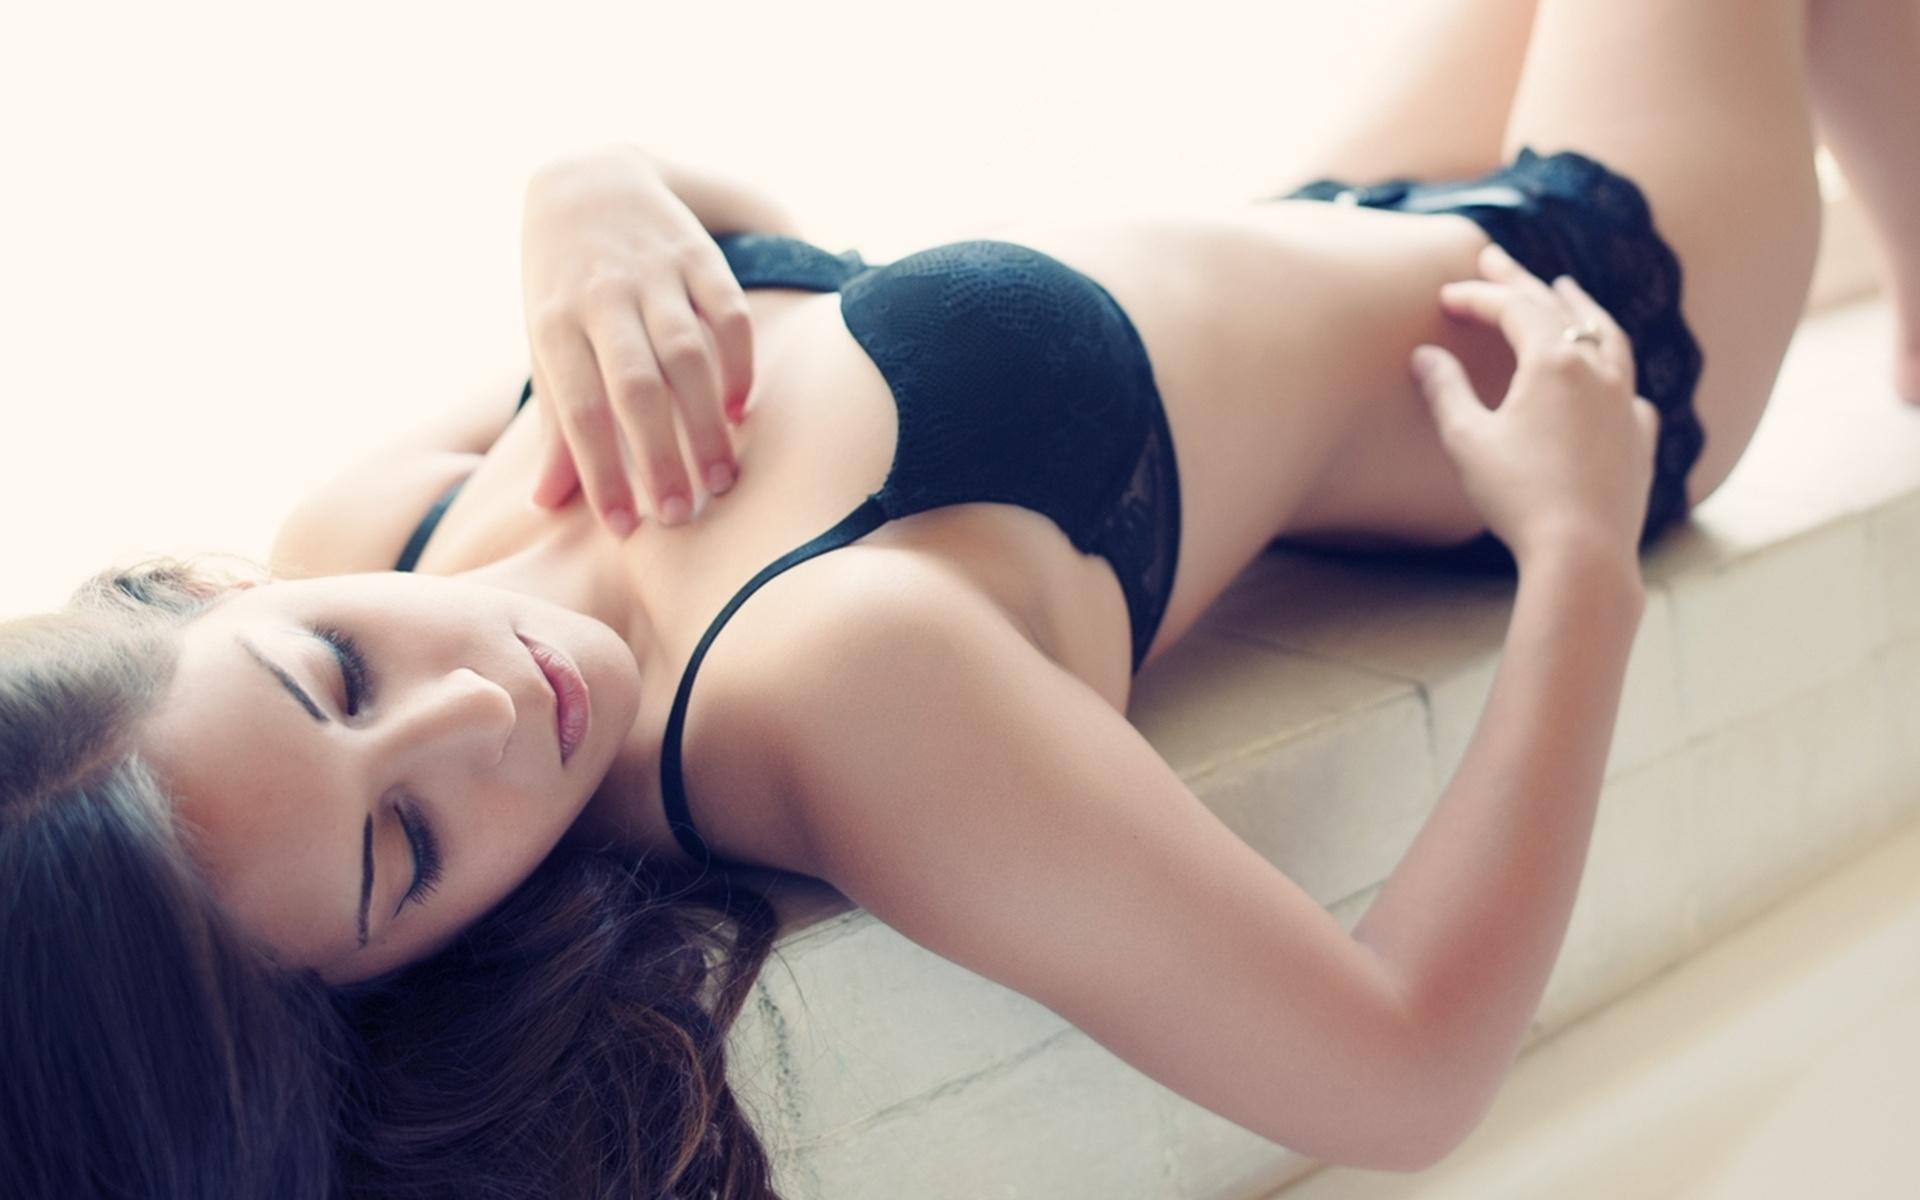 Смотреть как девушка лежит на девушке девушки, вьетнамское порно видео онлайн